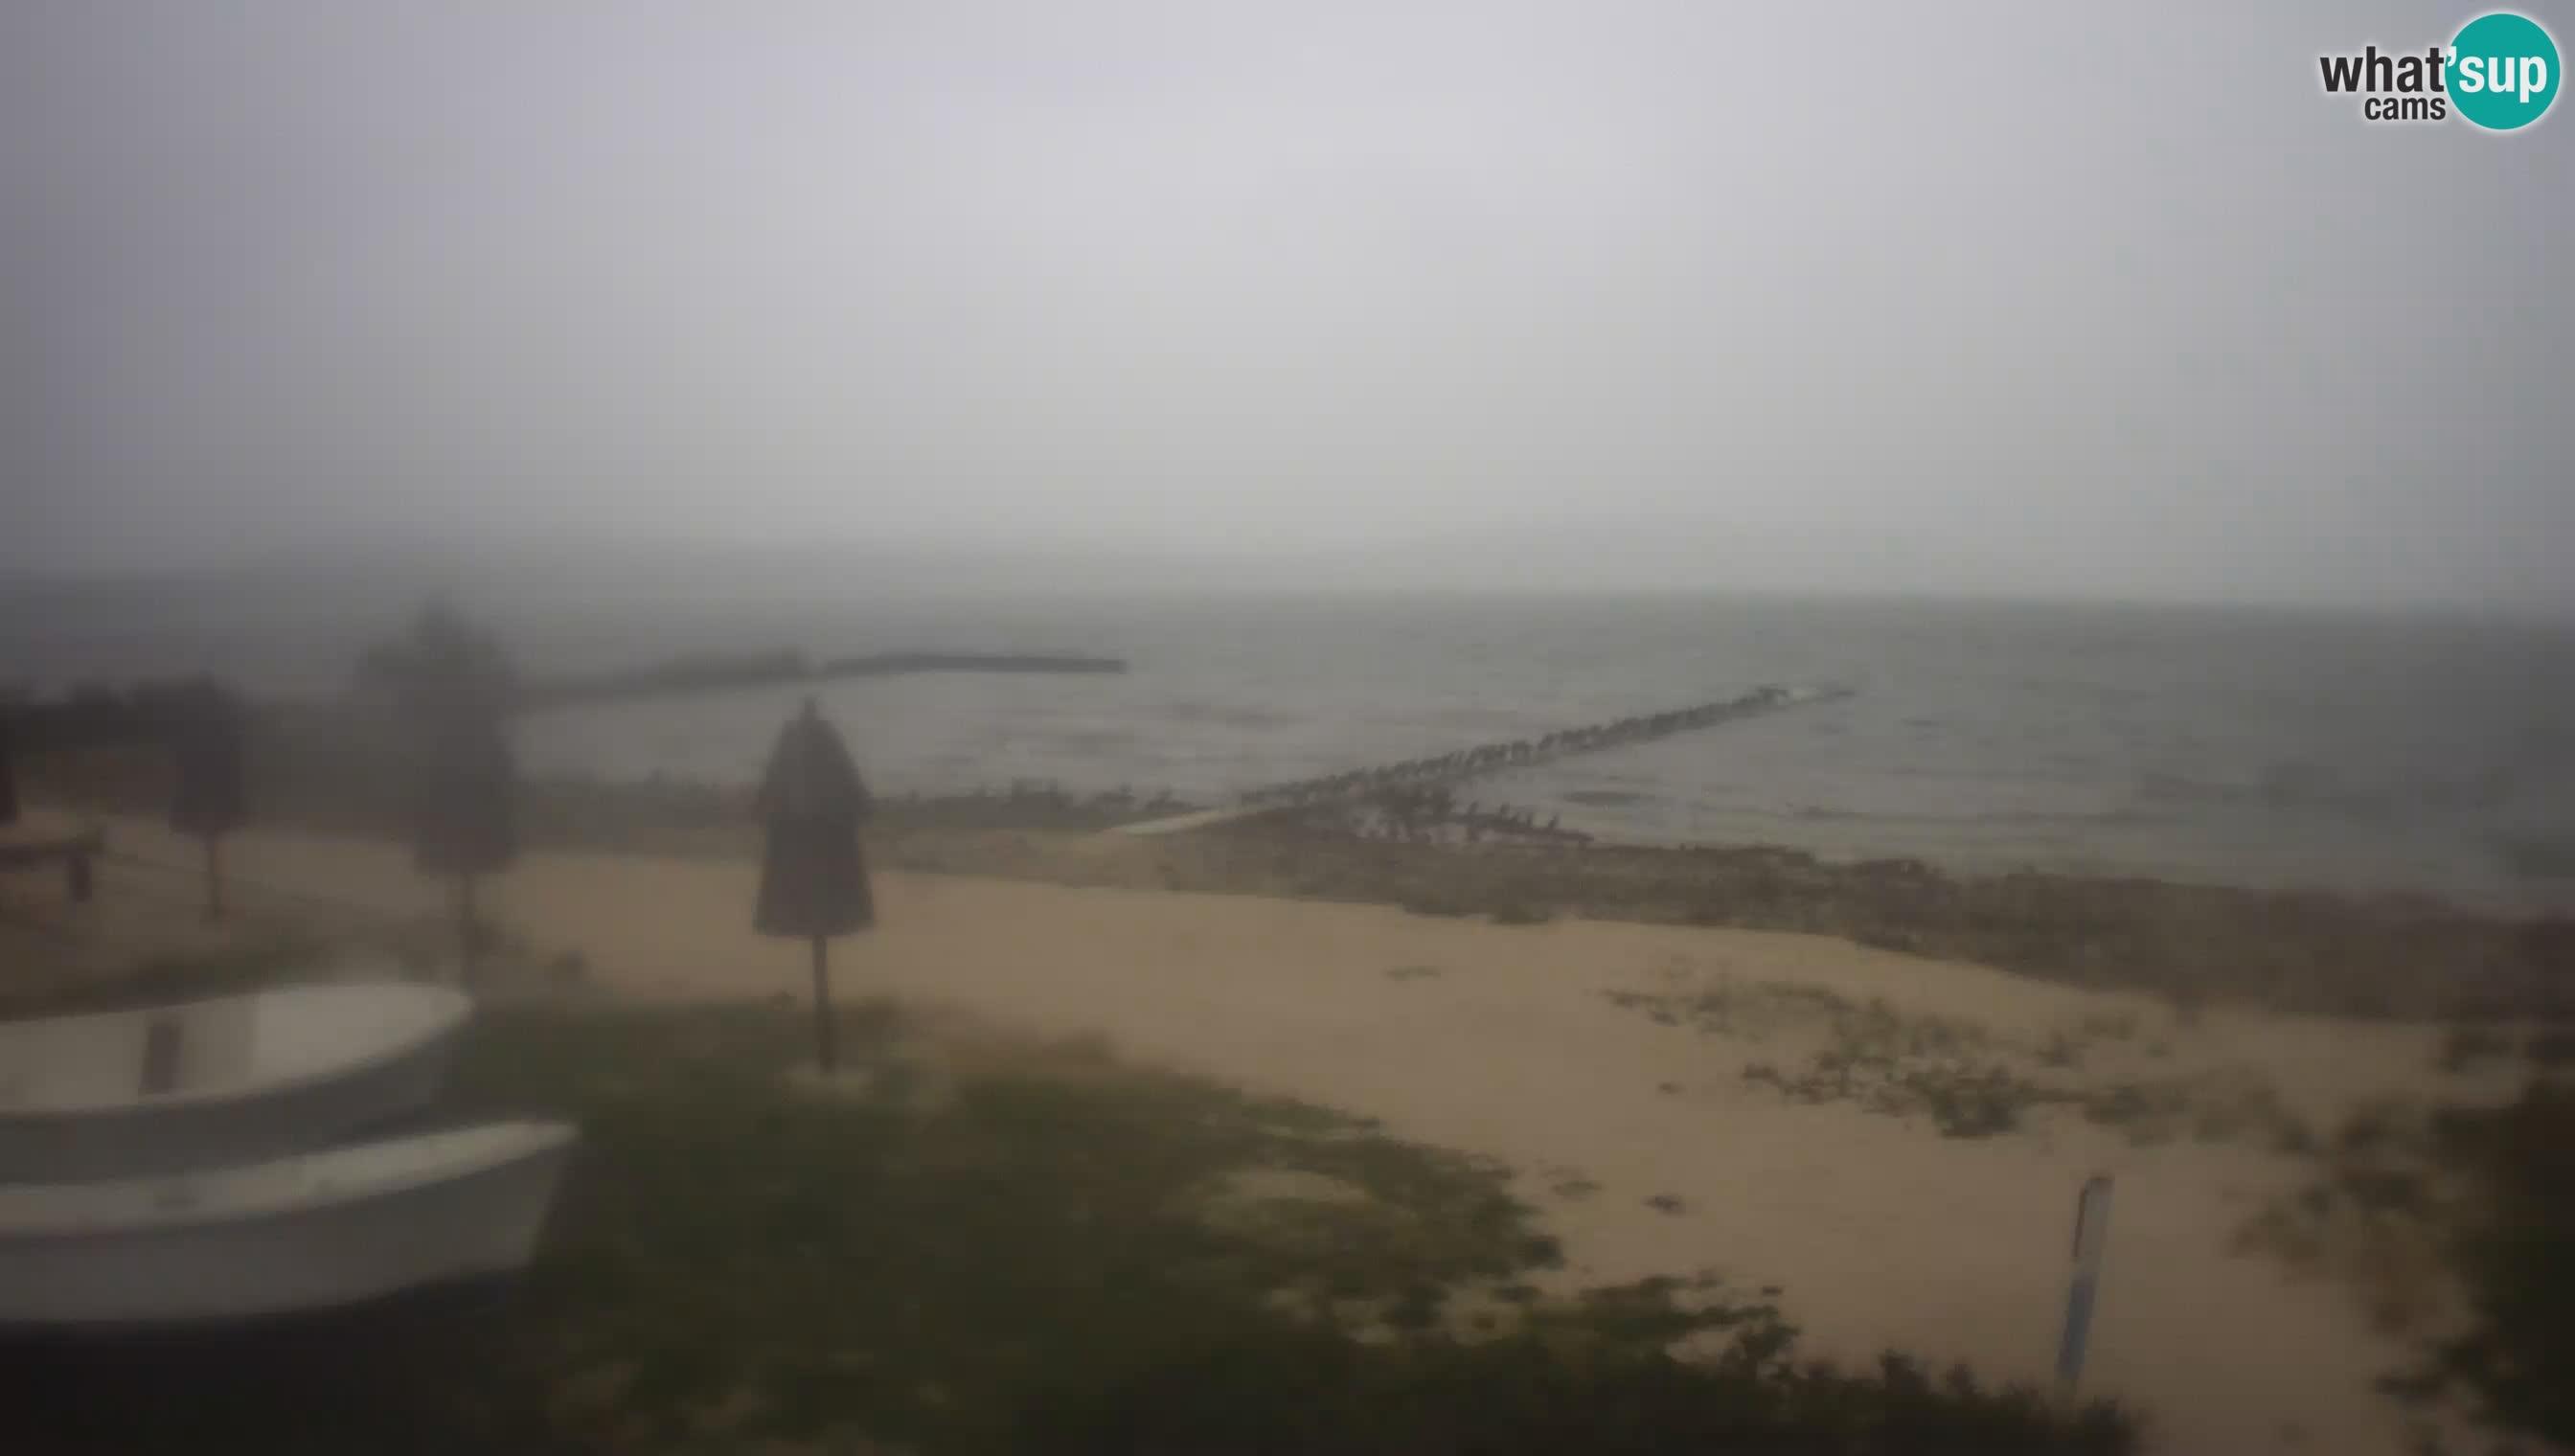 Naturpark Vransko jezero webcam